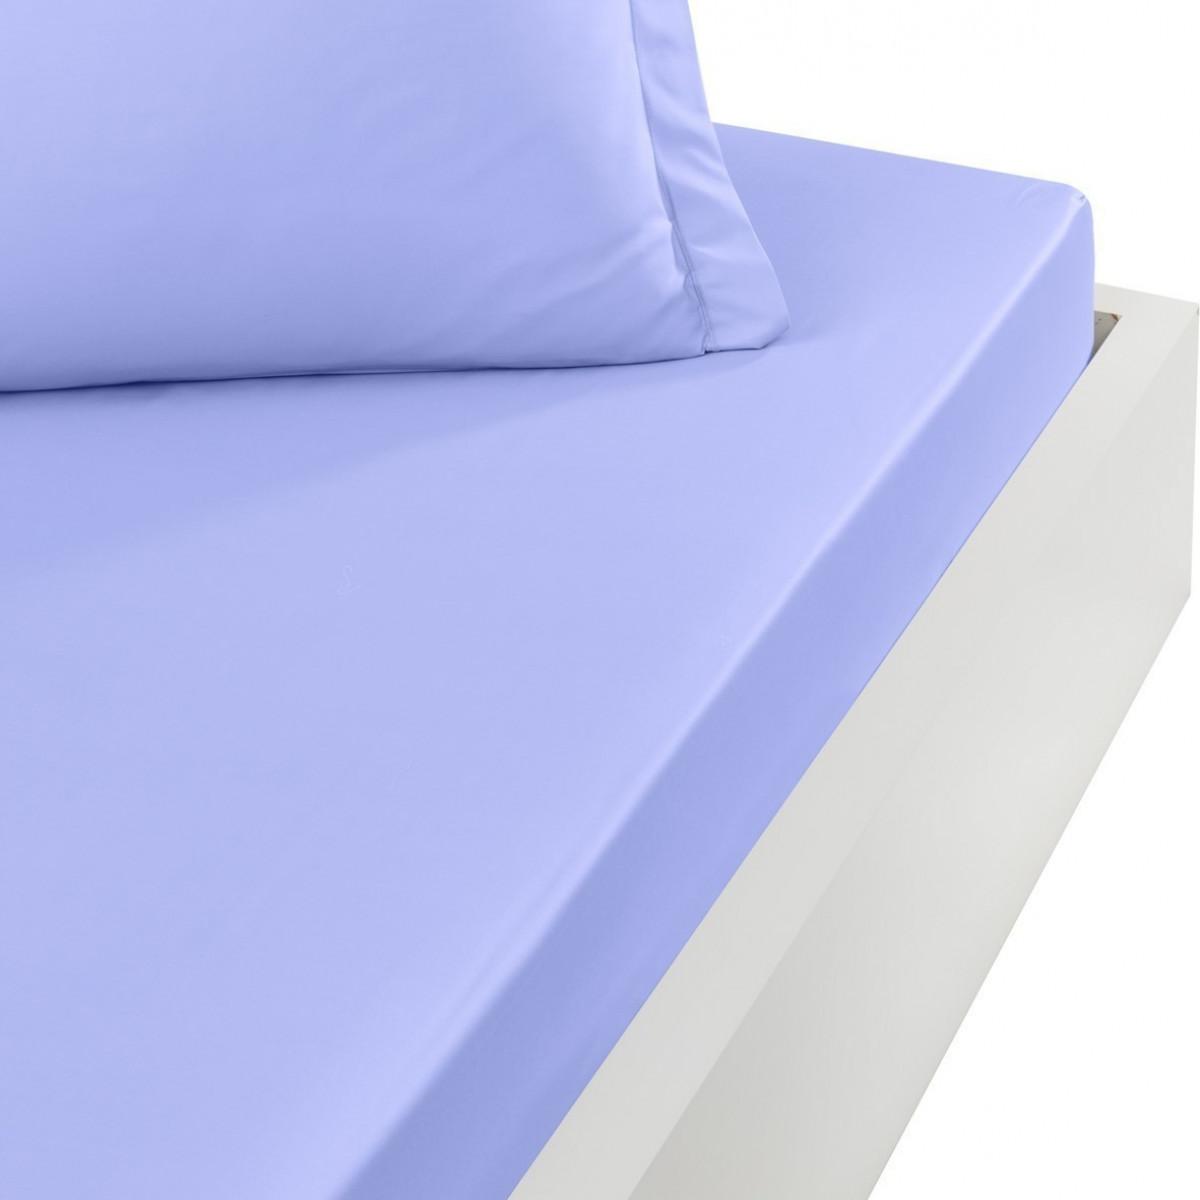 Drap housse en percale de coton bon Azur 90x200 cm